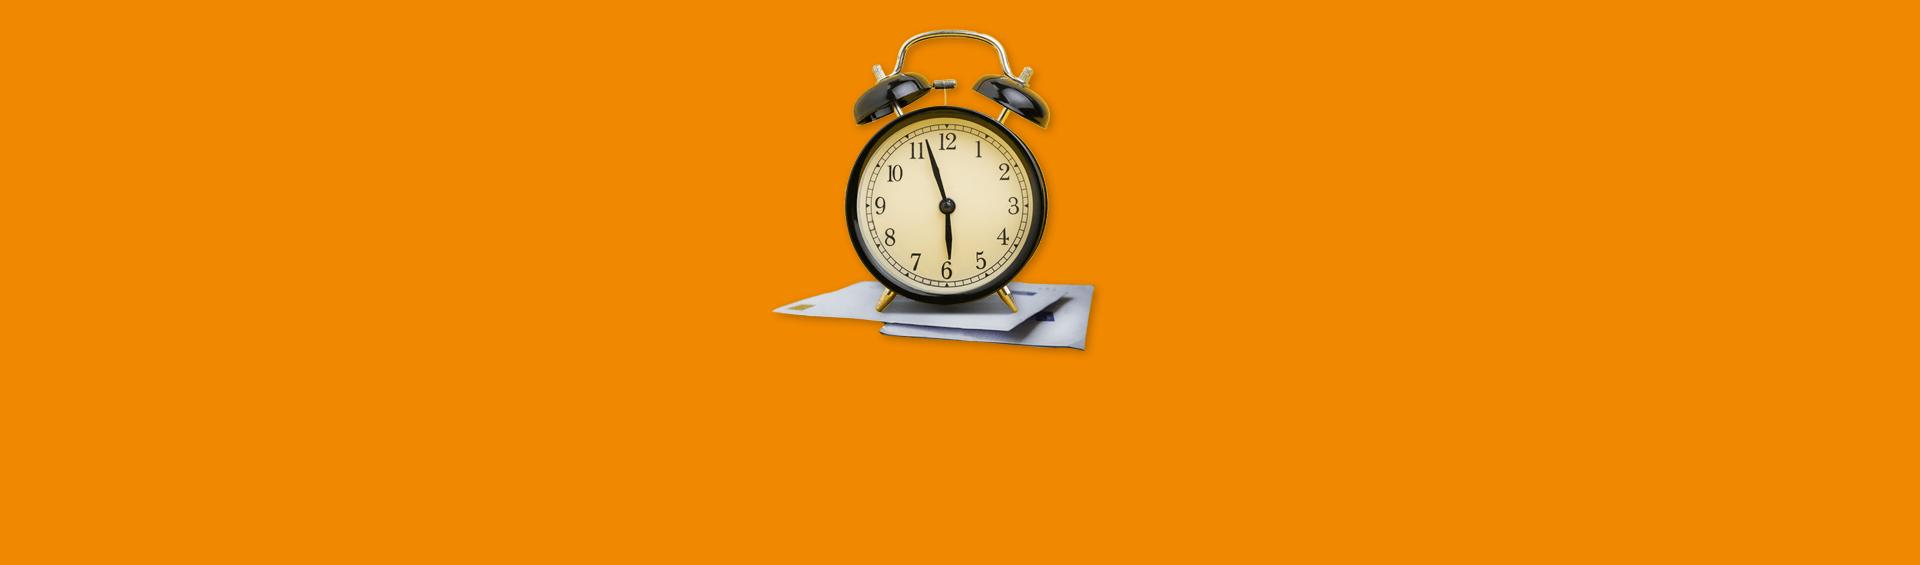 Спецпроект Hoff: как реактивировать 29 тыс. клиентов и увеличить дополнительную выручку с рассылок в 3 раза